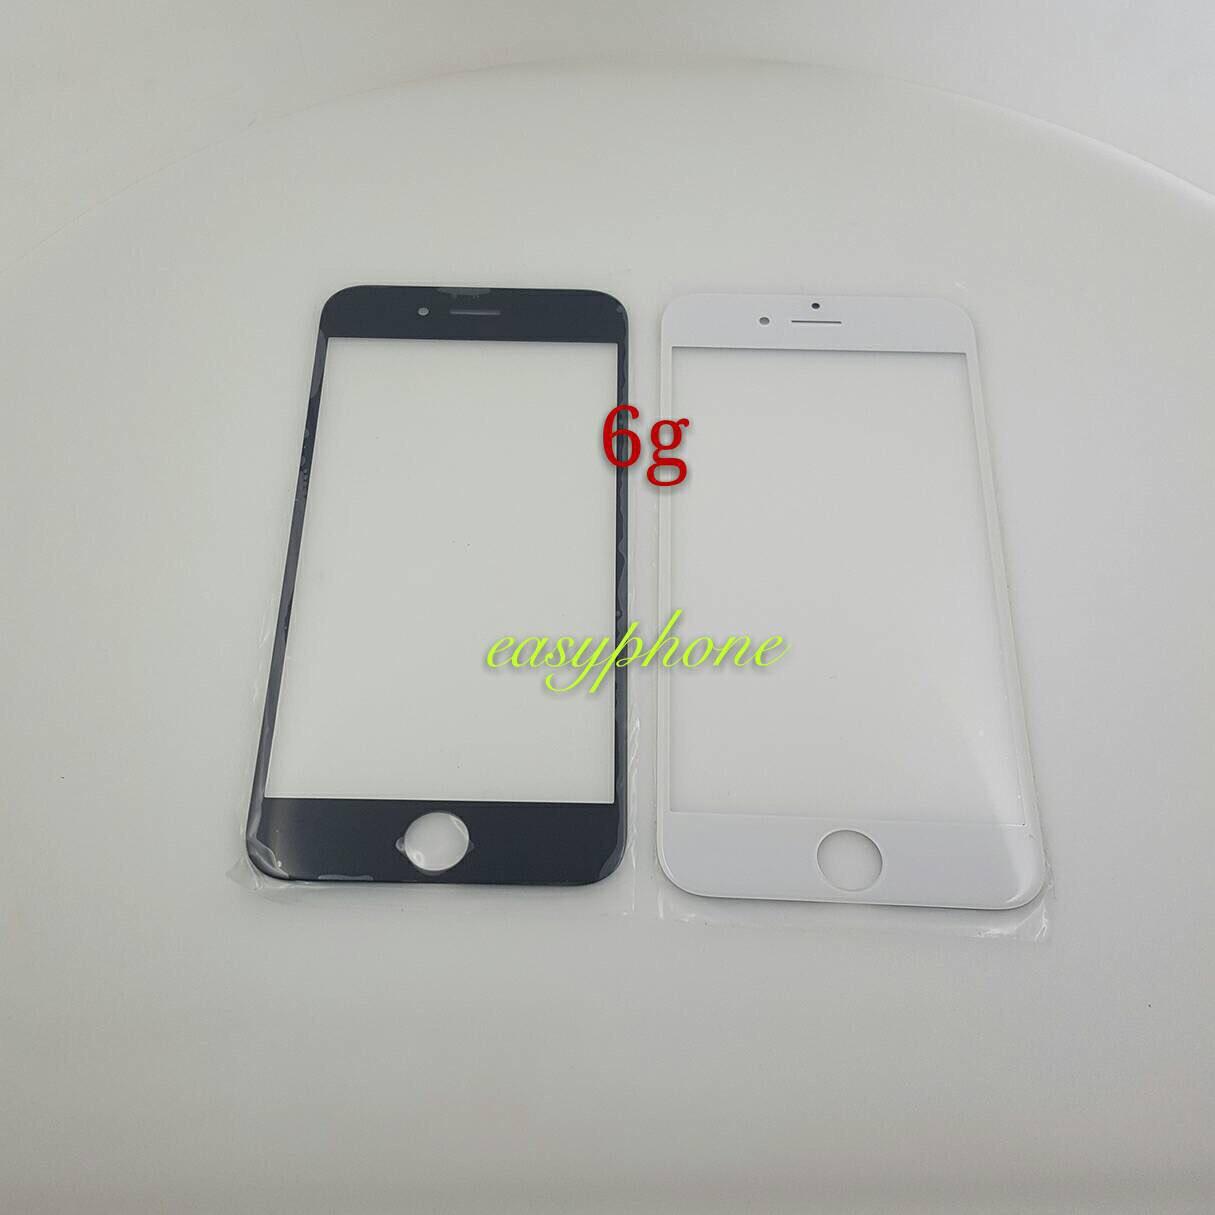 แผ่นกระจกหน้าจอ I Phone 6G สีขาว//สีดำ